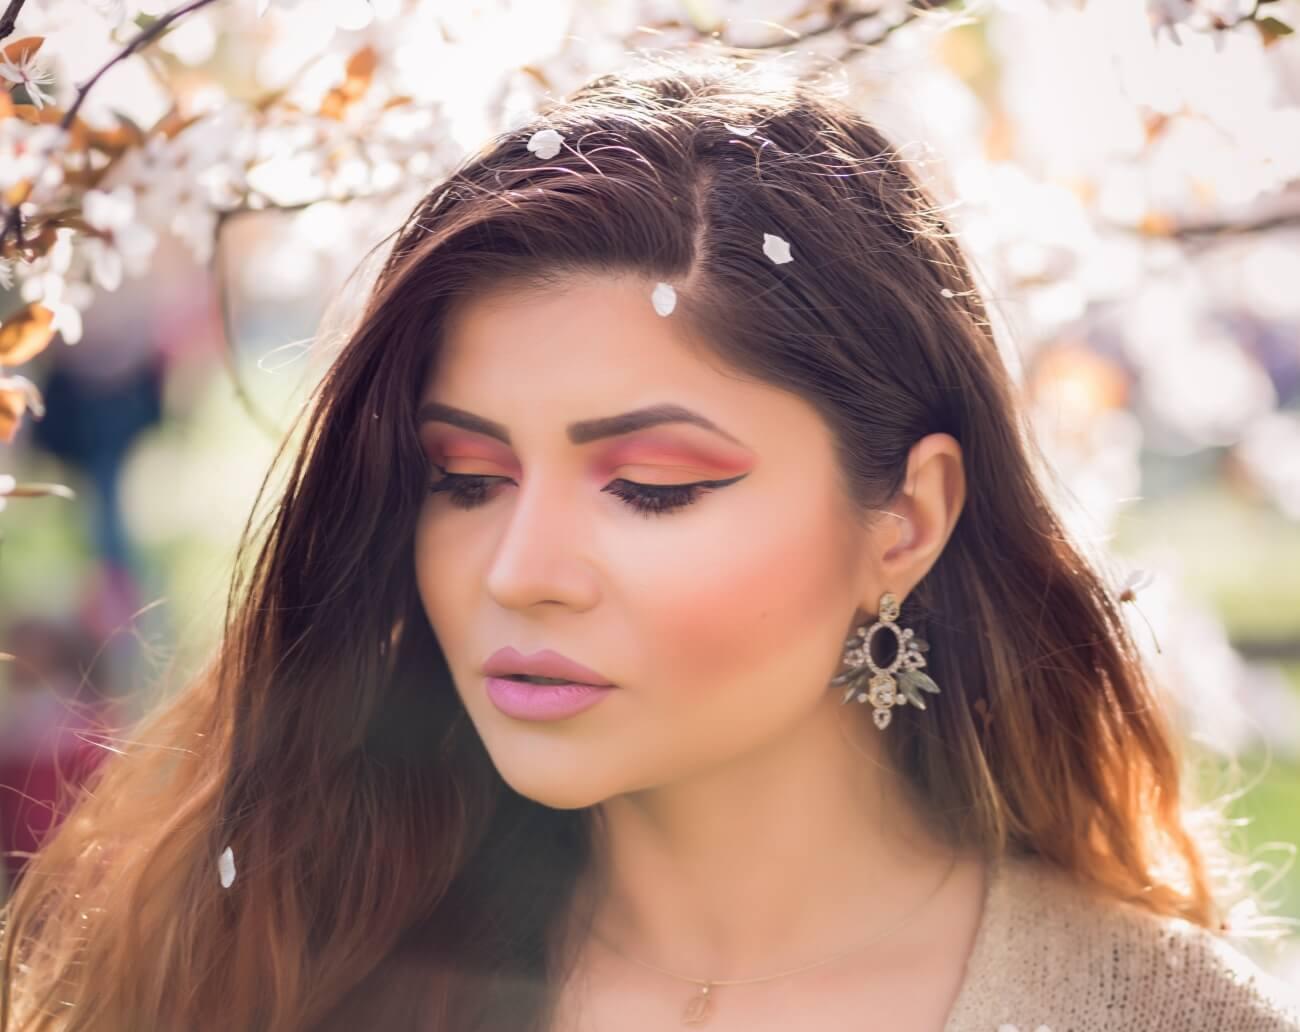 Las tendencias de maquillaje para el otoño 2020